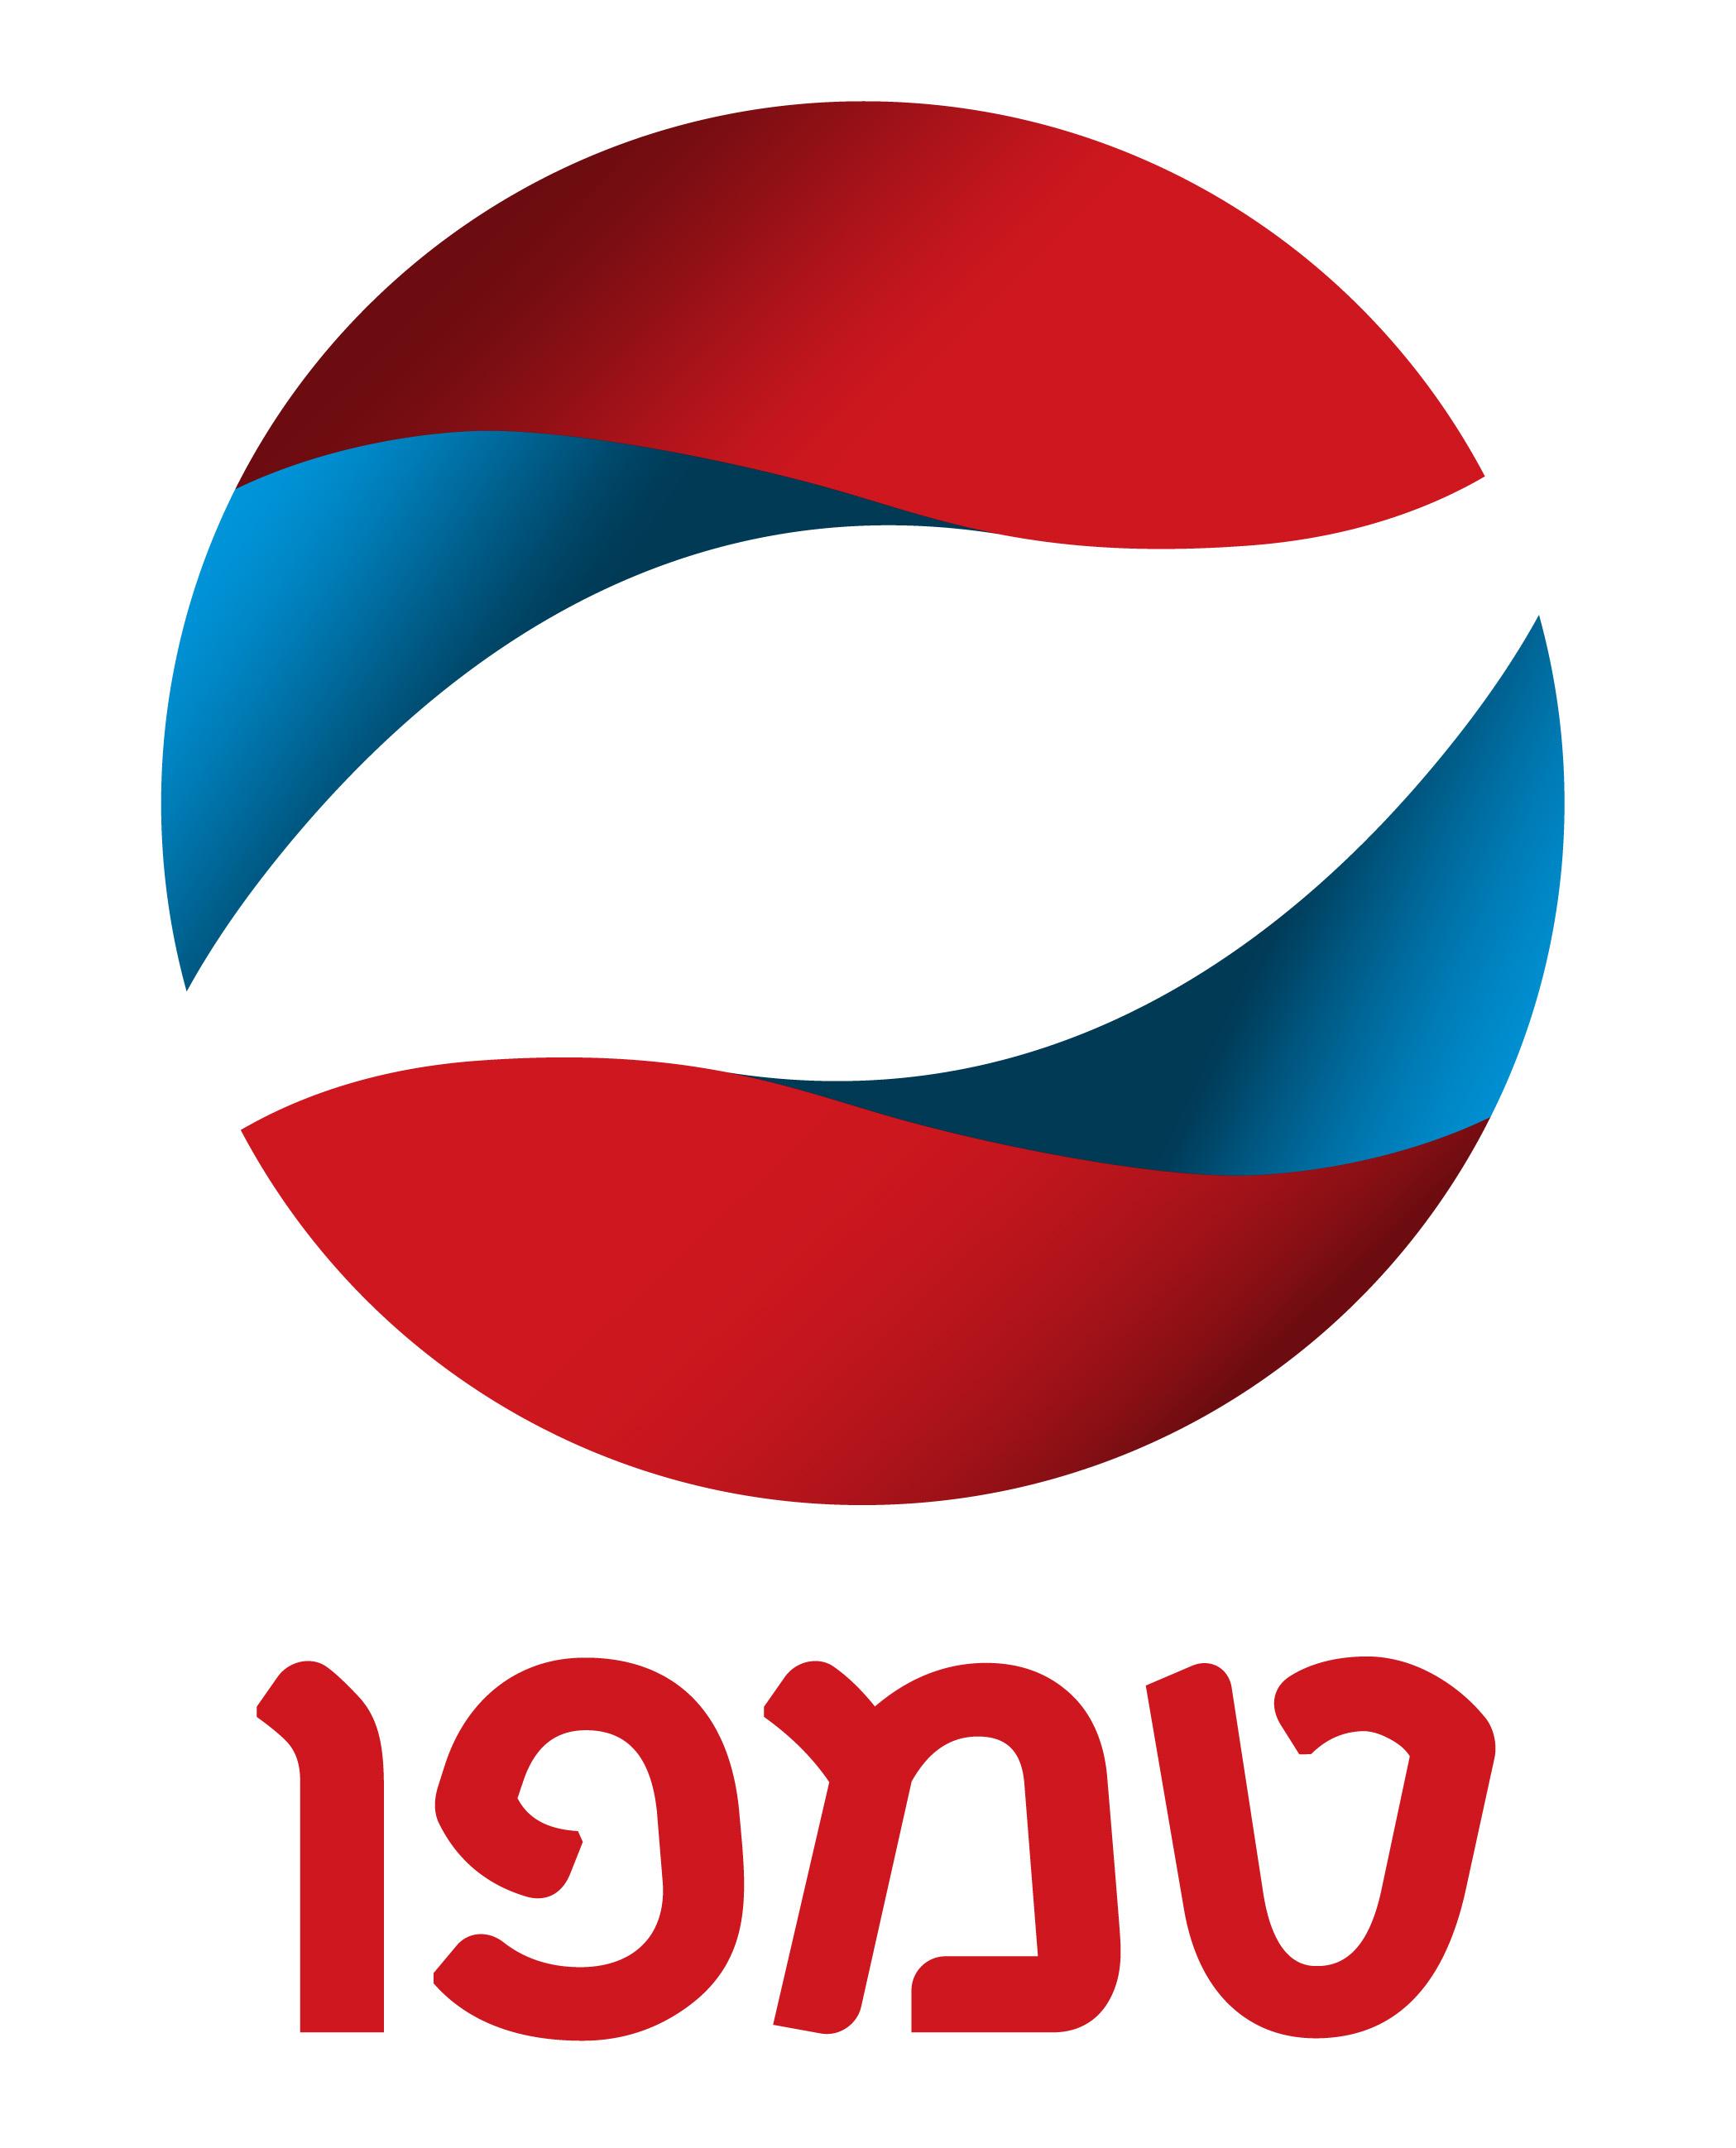 לוגו טמפו